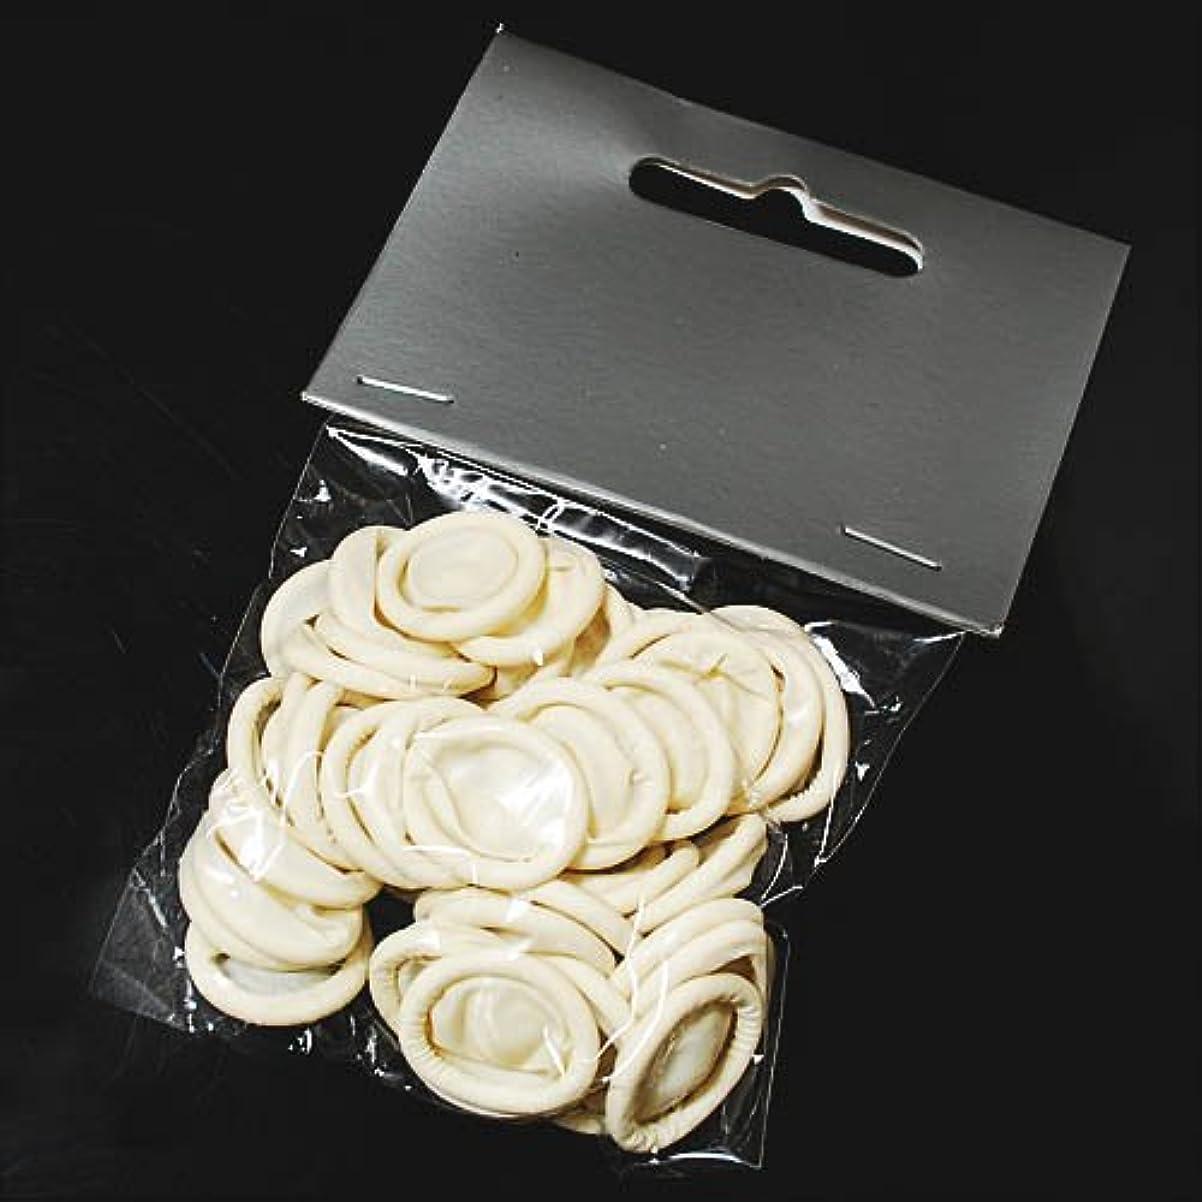 選出するロマンス彼らジェルネイル のオフに使える ジェルネイルオフカバー [50個] フィンガーキャップ